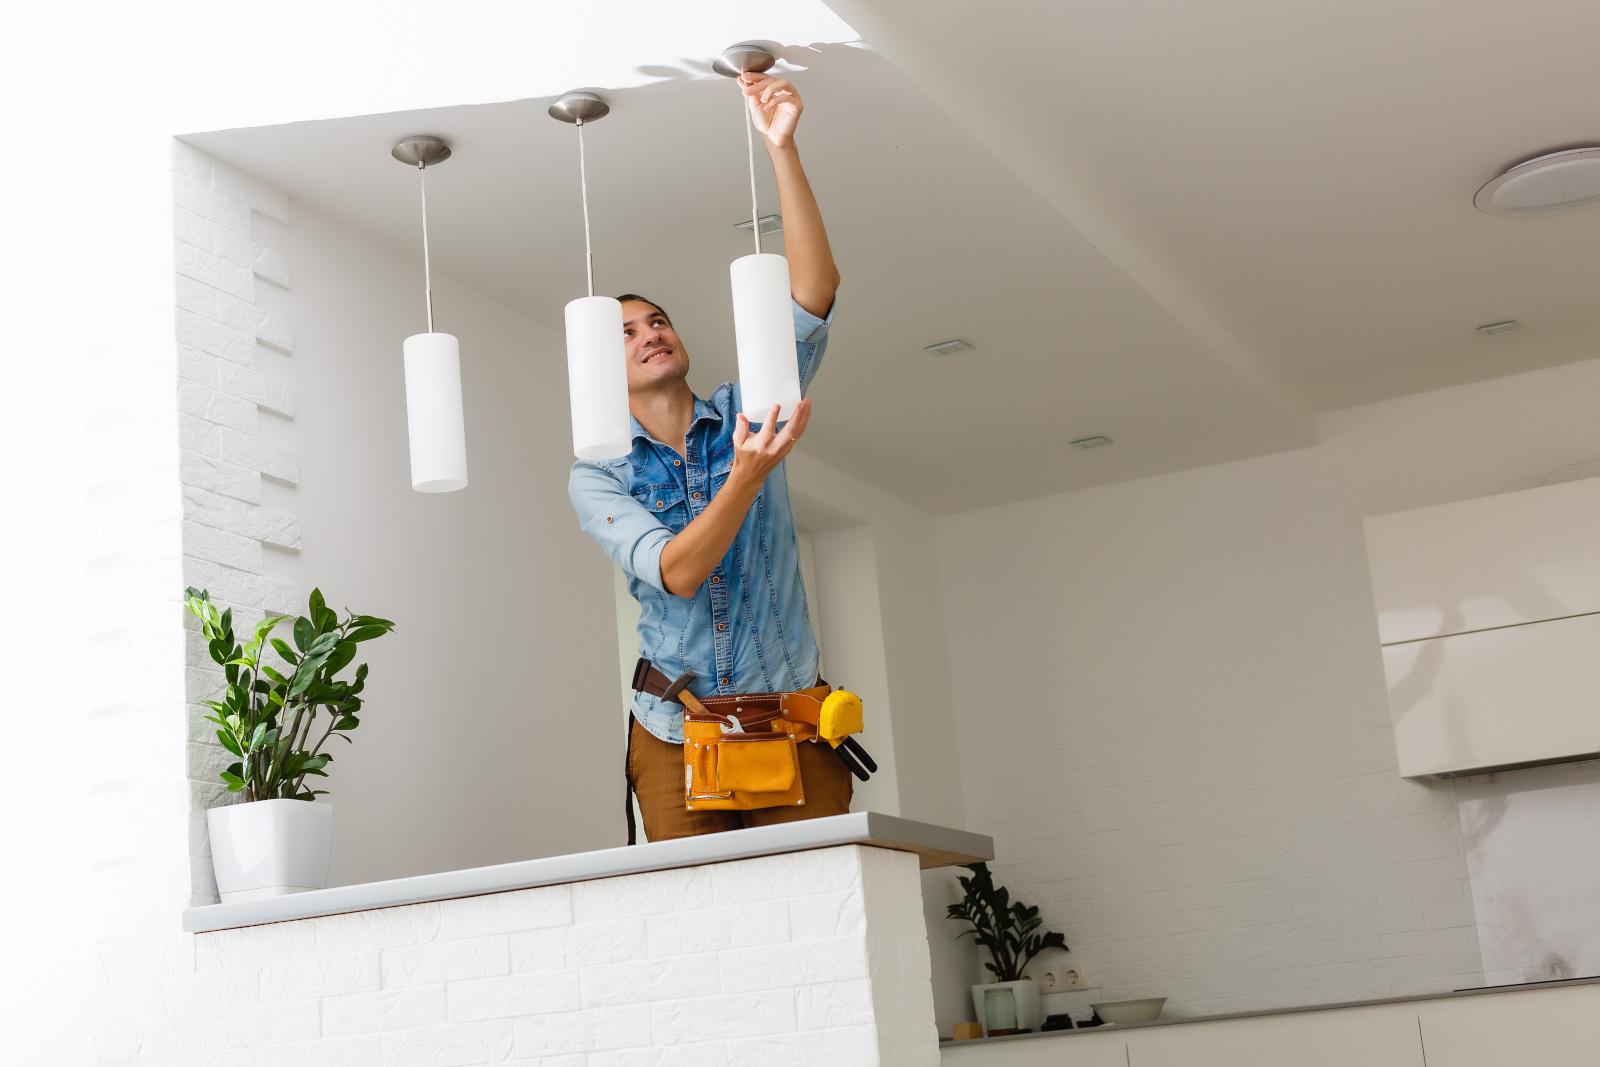 Våra elektriker i Trollhättan utför alla typer av elinstallationer i hus.